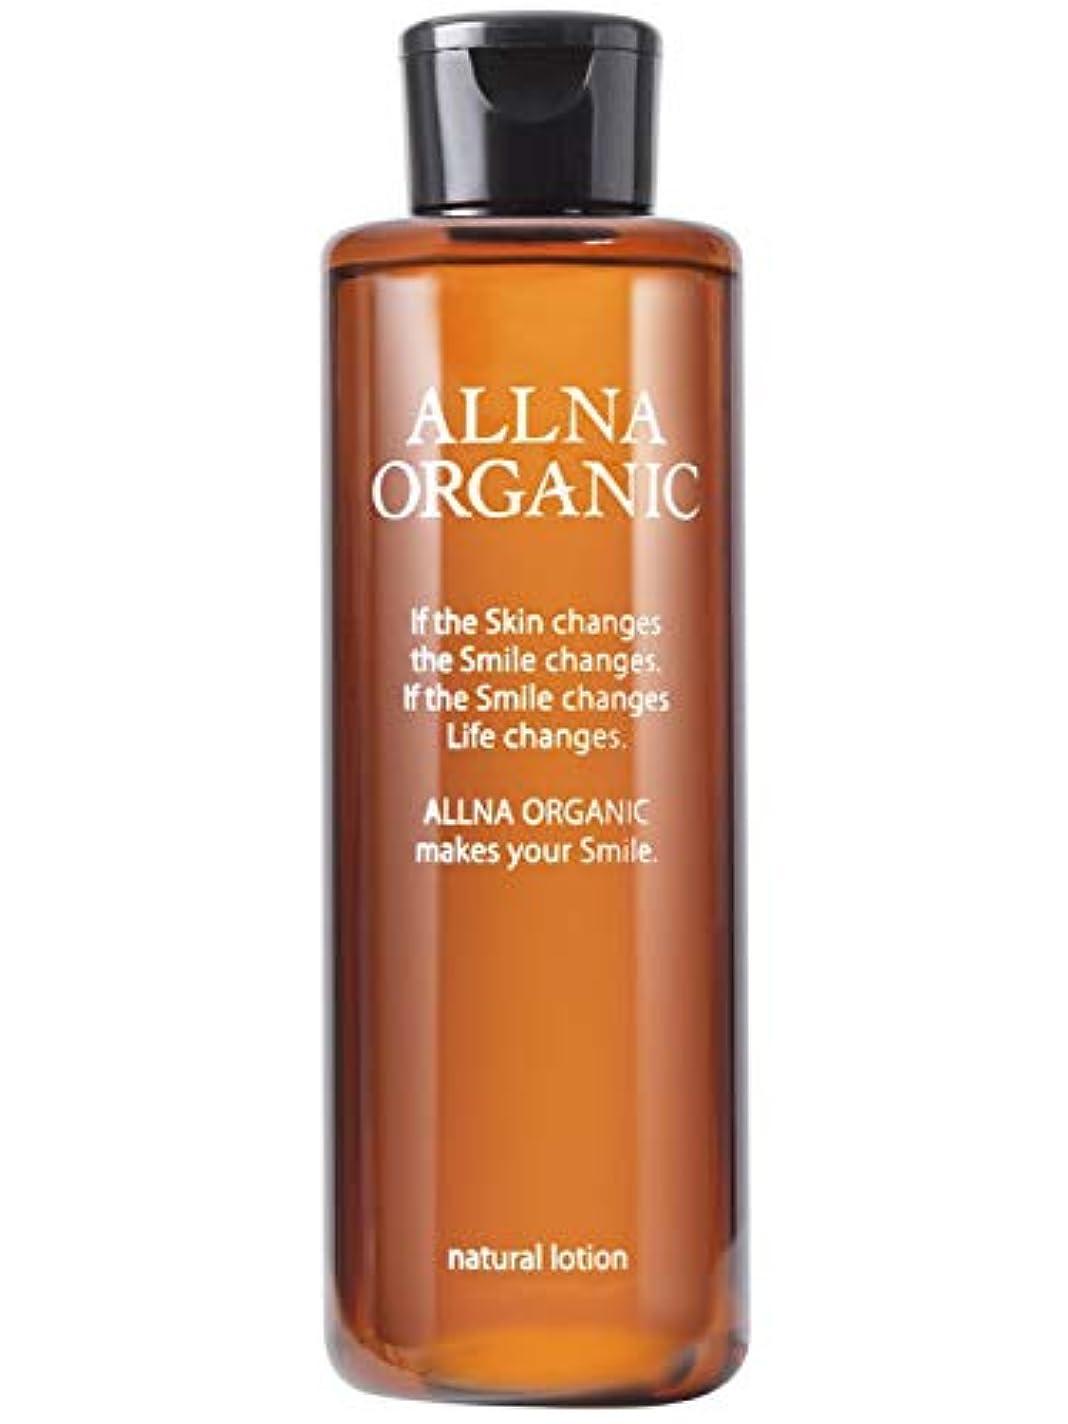 自明モーション哀れなオルナ オーガニック 化粧水 「 保湿 乾燥 かさつき 用」「 コラーゲン ビタミンC誘導体 ヒアルロン酸 セラミド 配合」200ml